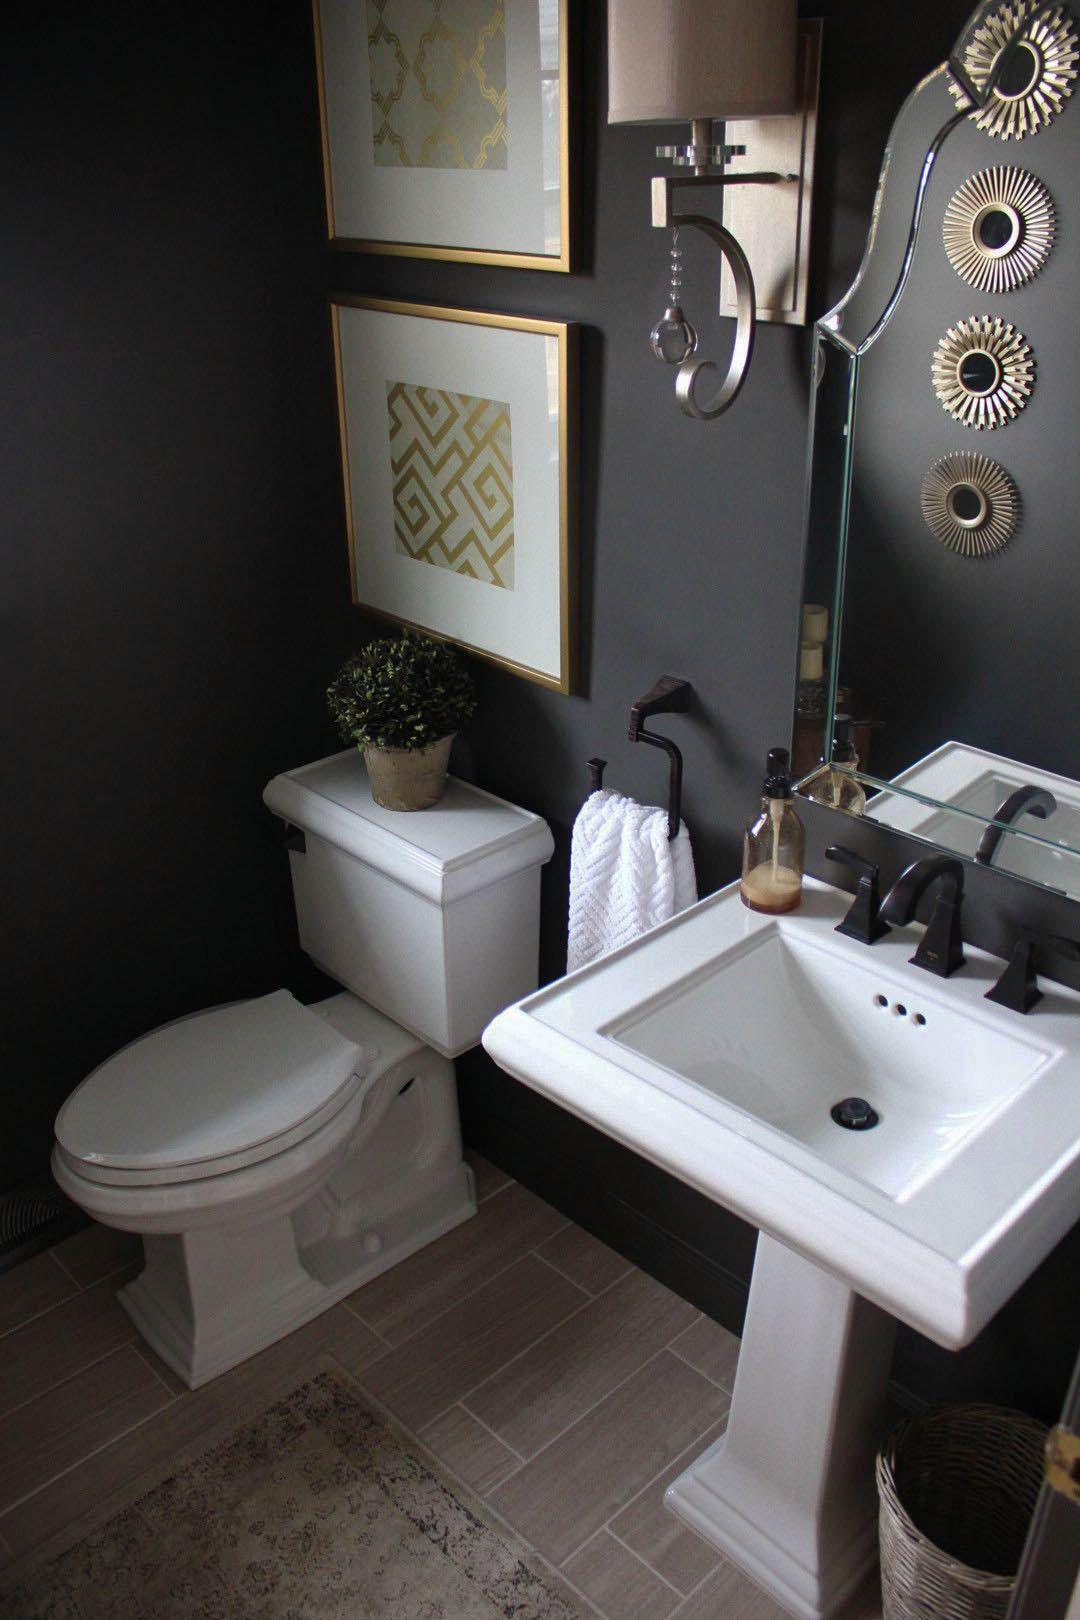 10 Pretty Powder Rooms In 2020 Powder Room Decor Black Powder Room Powder Room Remodel